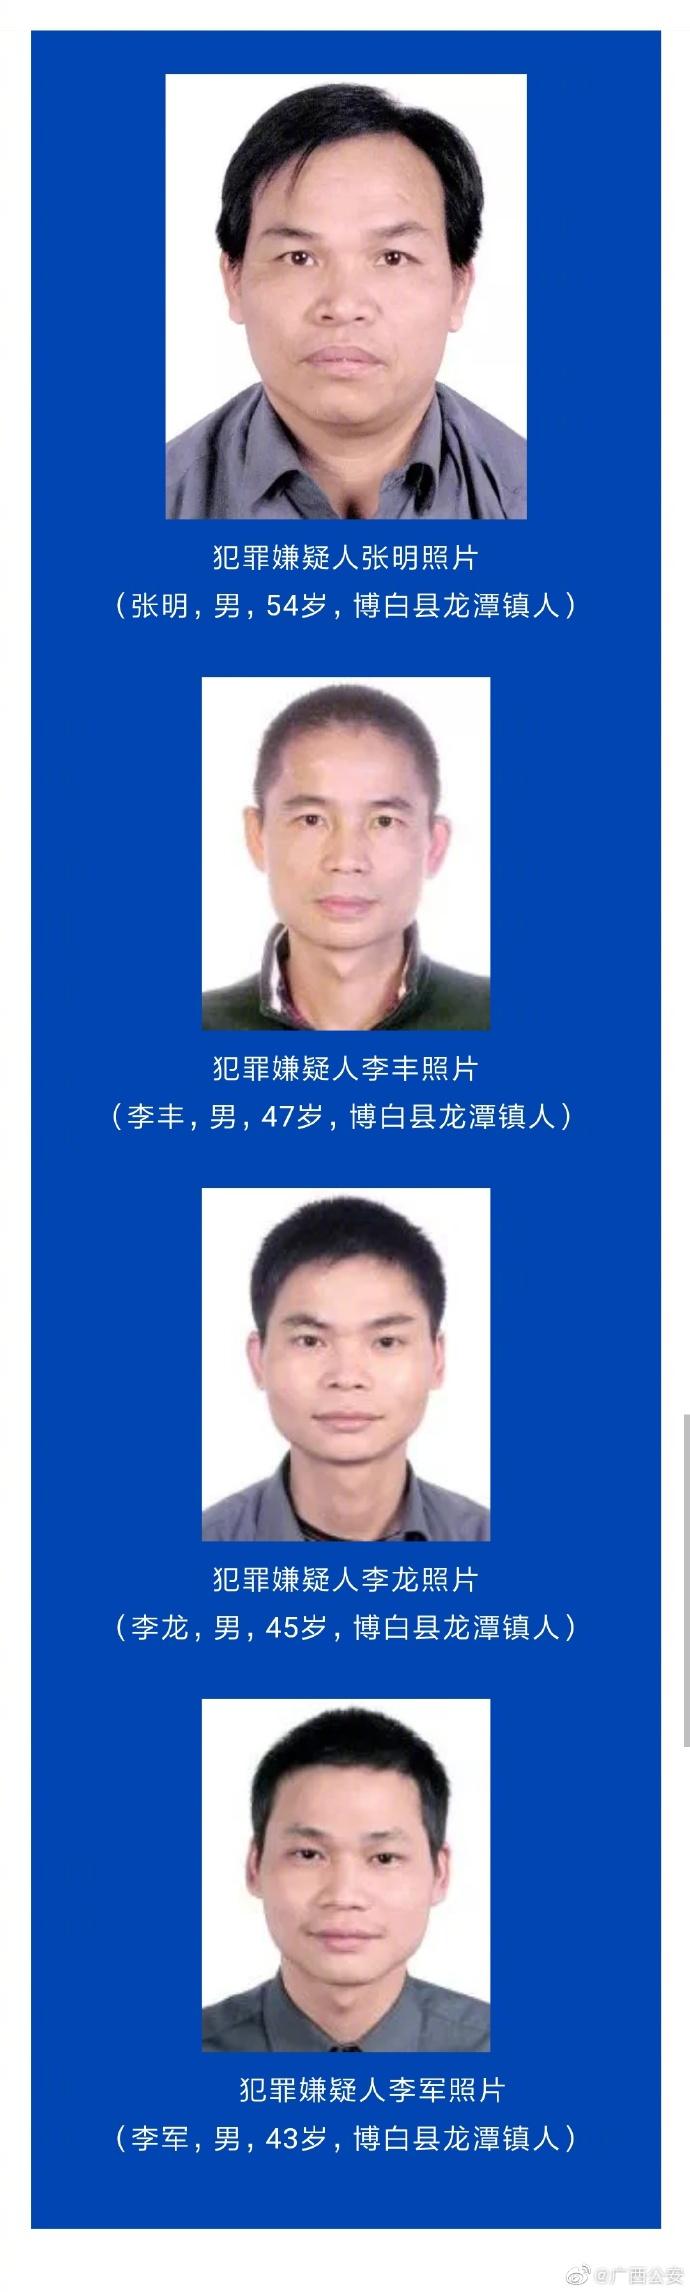 广西公安:征集张明、李丰等人违法犯罪线索,最高奖30万元